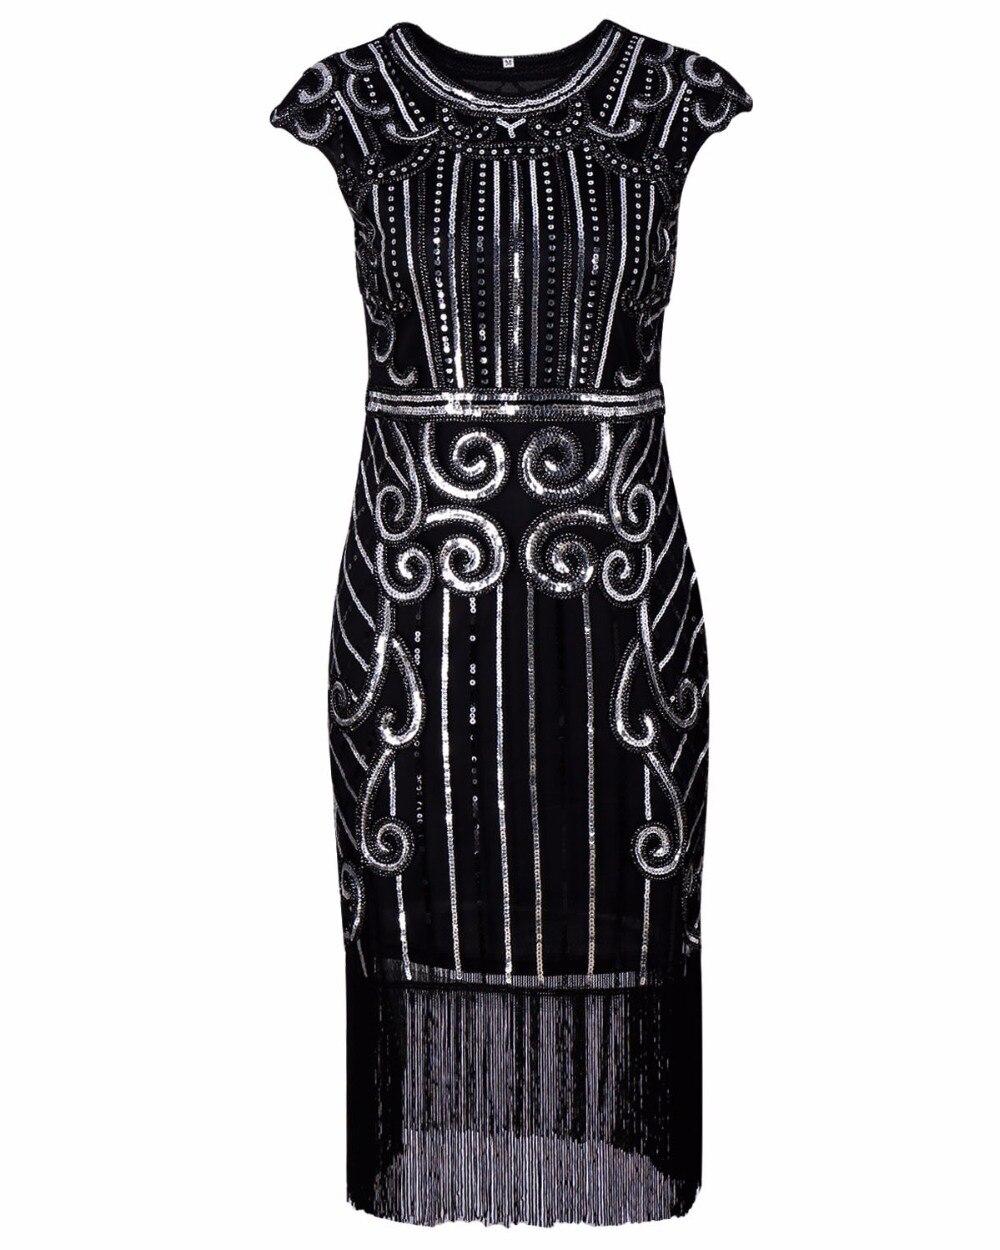 Groß Vintage Inspirierte Cocktail Kleid Zeitgenössisch - Hochzeit ...